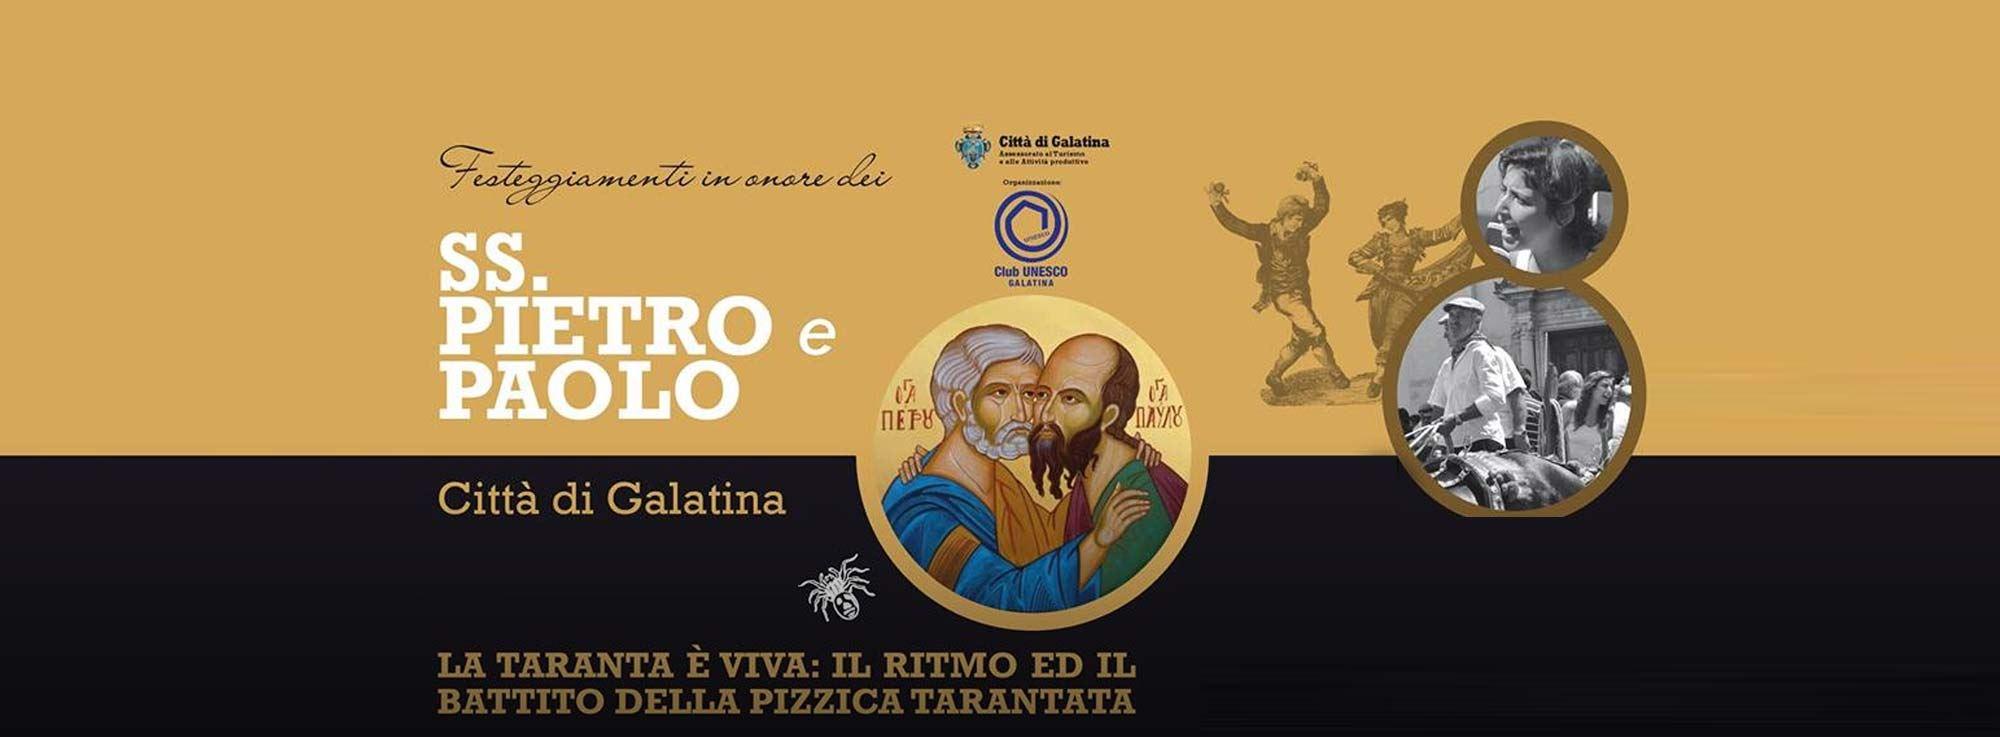 Galatina: Festa e fiera di San Pietro e Paolo